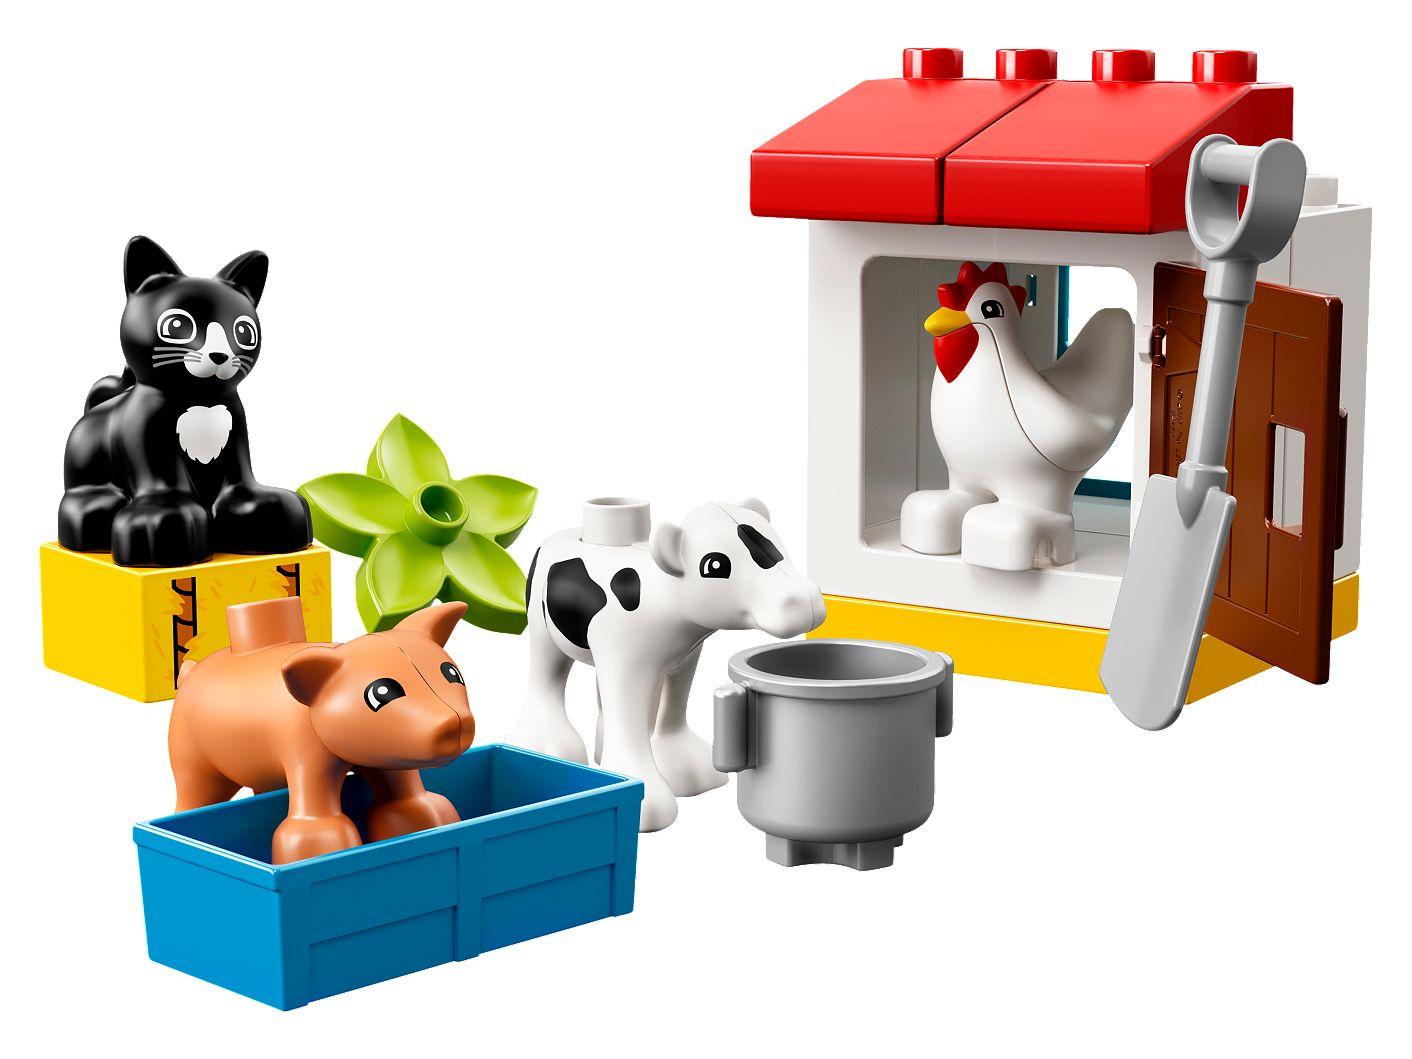 LEGO® DUPLO® 10870 Tiere auf dem Bauernhof LEGO Baukästen & Sets Baukästen & Konstruktion 16 Teile